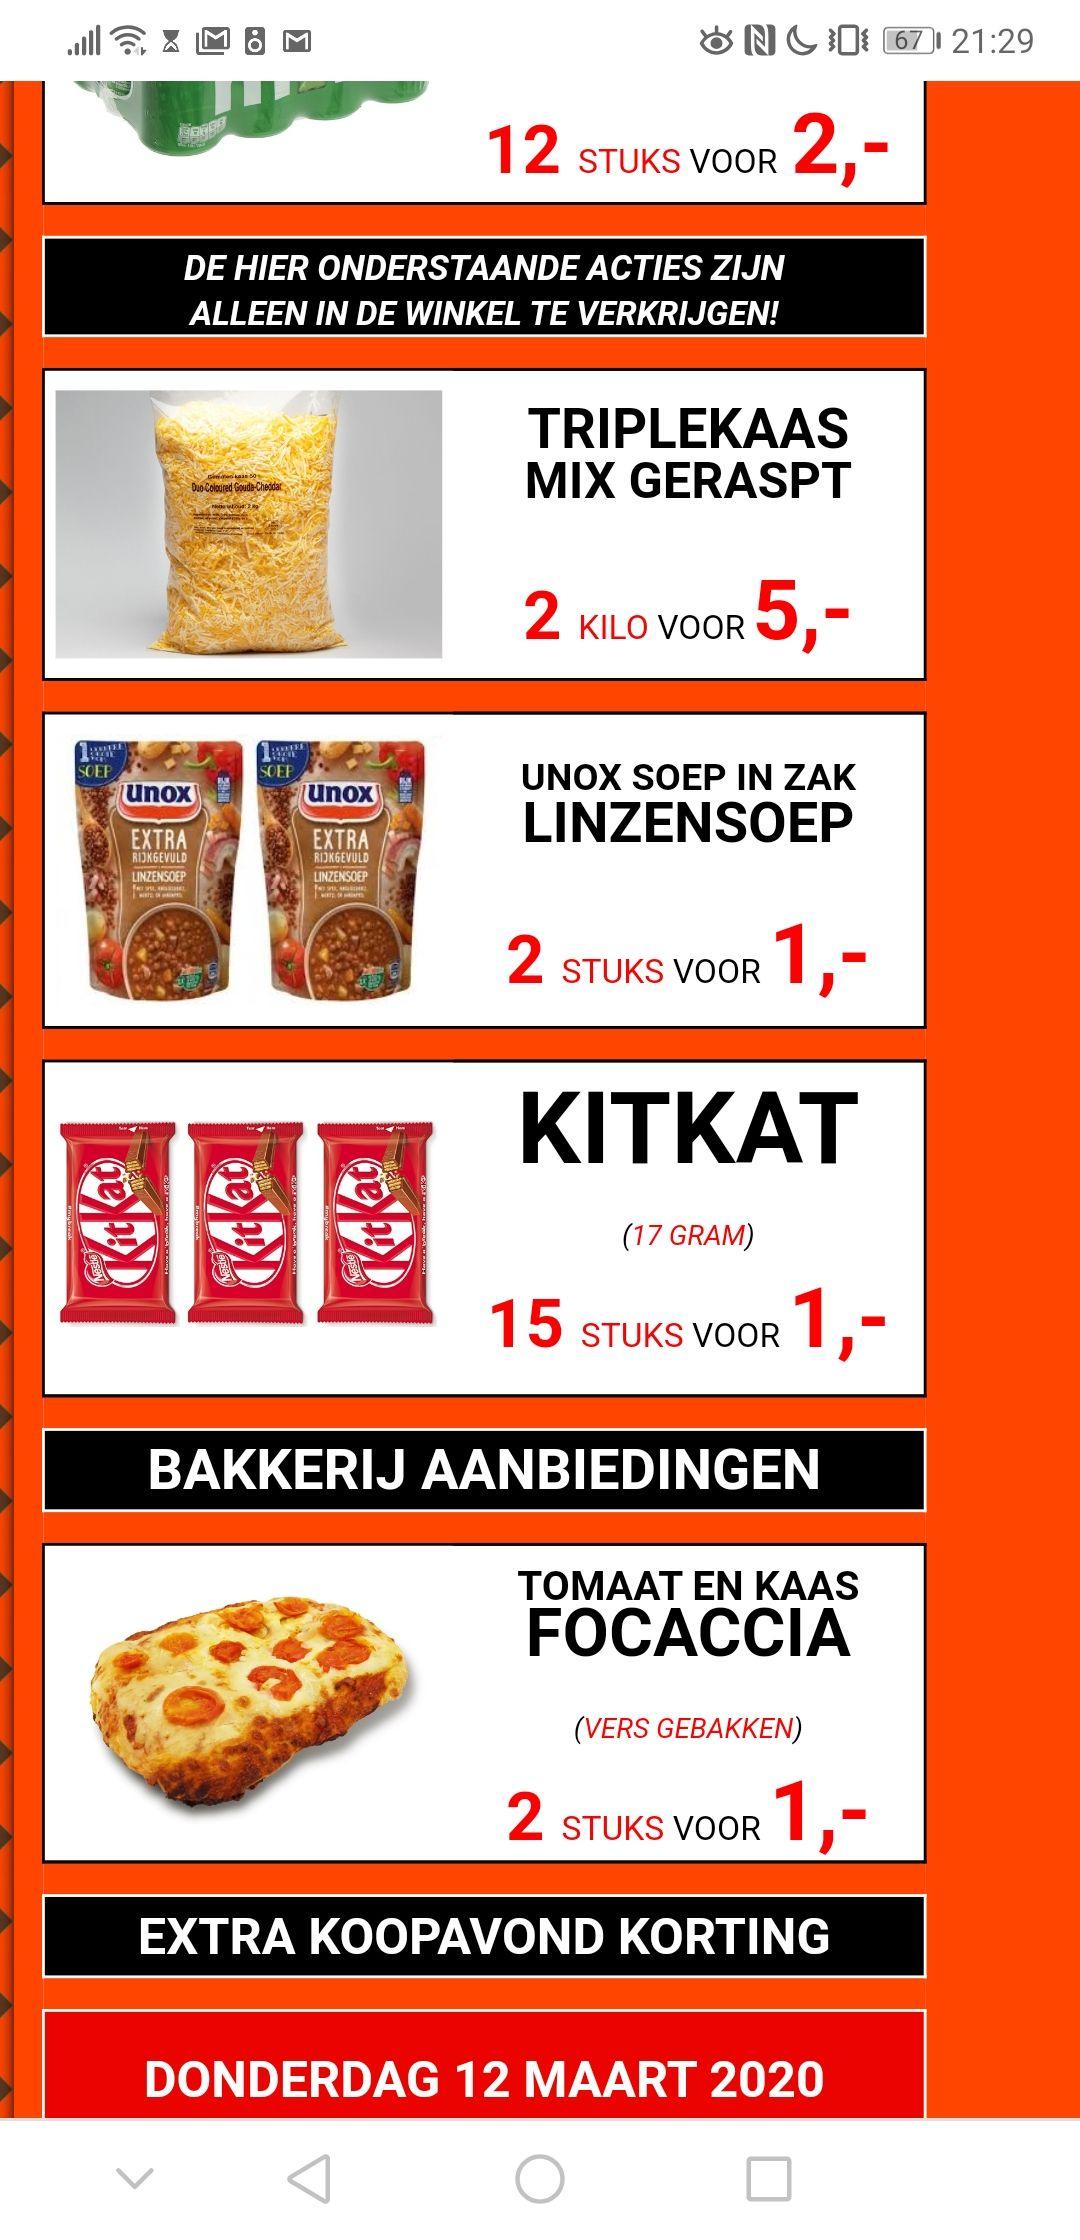 15 Stuks KitKat voor 1 euro! [ALMERE]